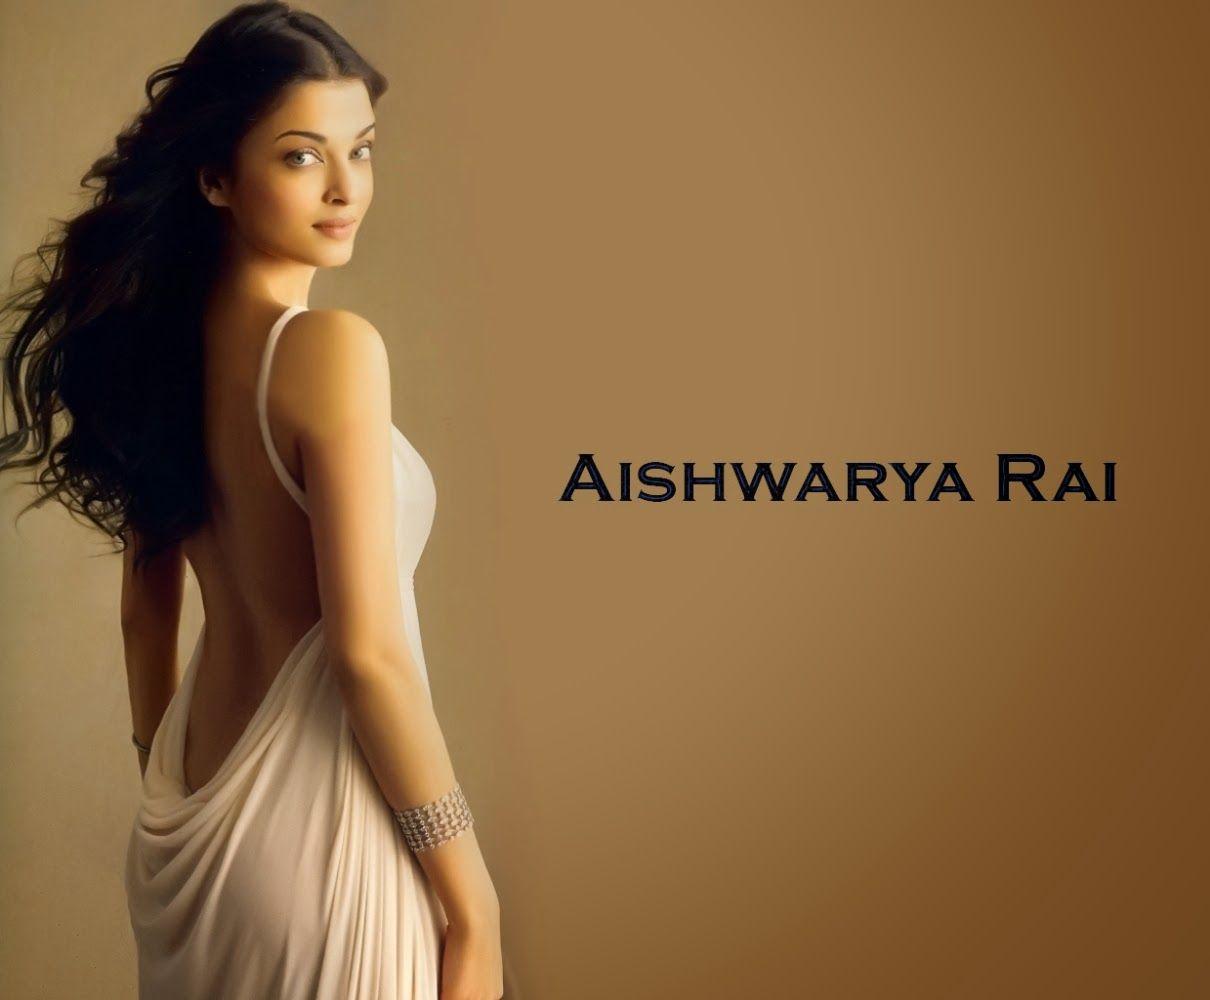 aishwarya rai | aishwarya rai - modern dress | pinterest | aishwarya